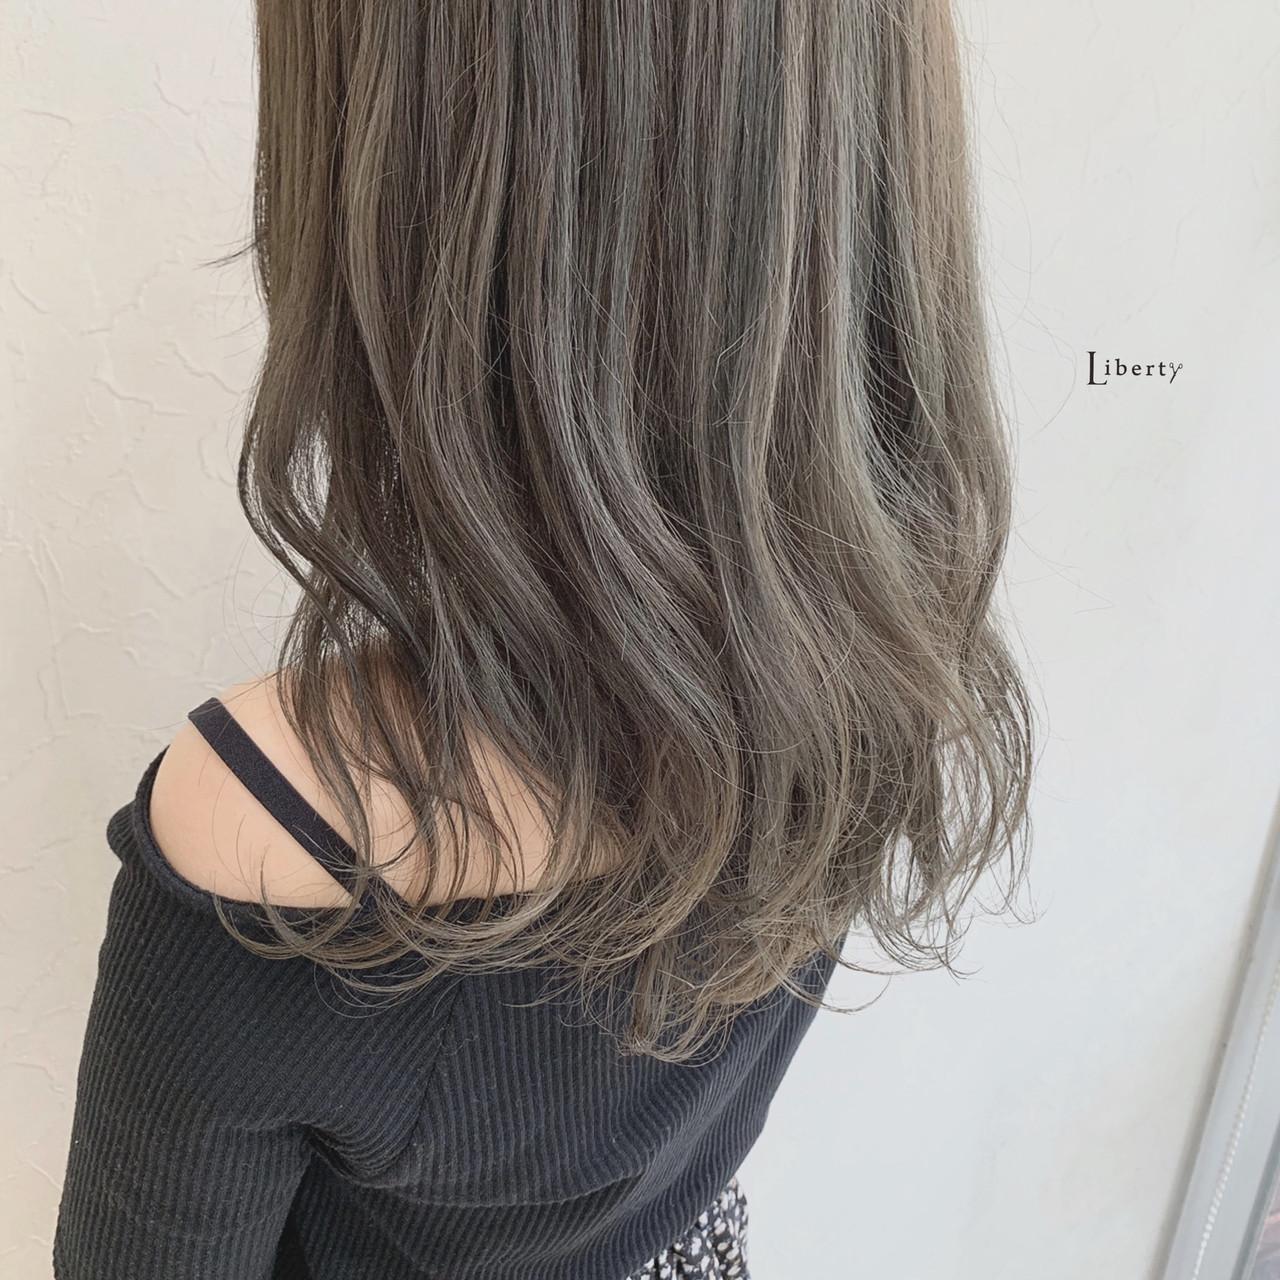 マットグレージュ アッシュグレージュ アッシュグレー セミロング ヘアスタイルや髪型の写真・画像